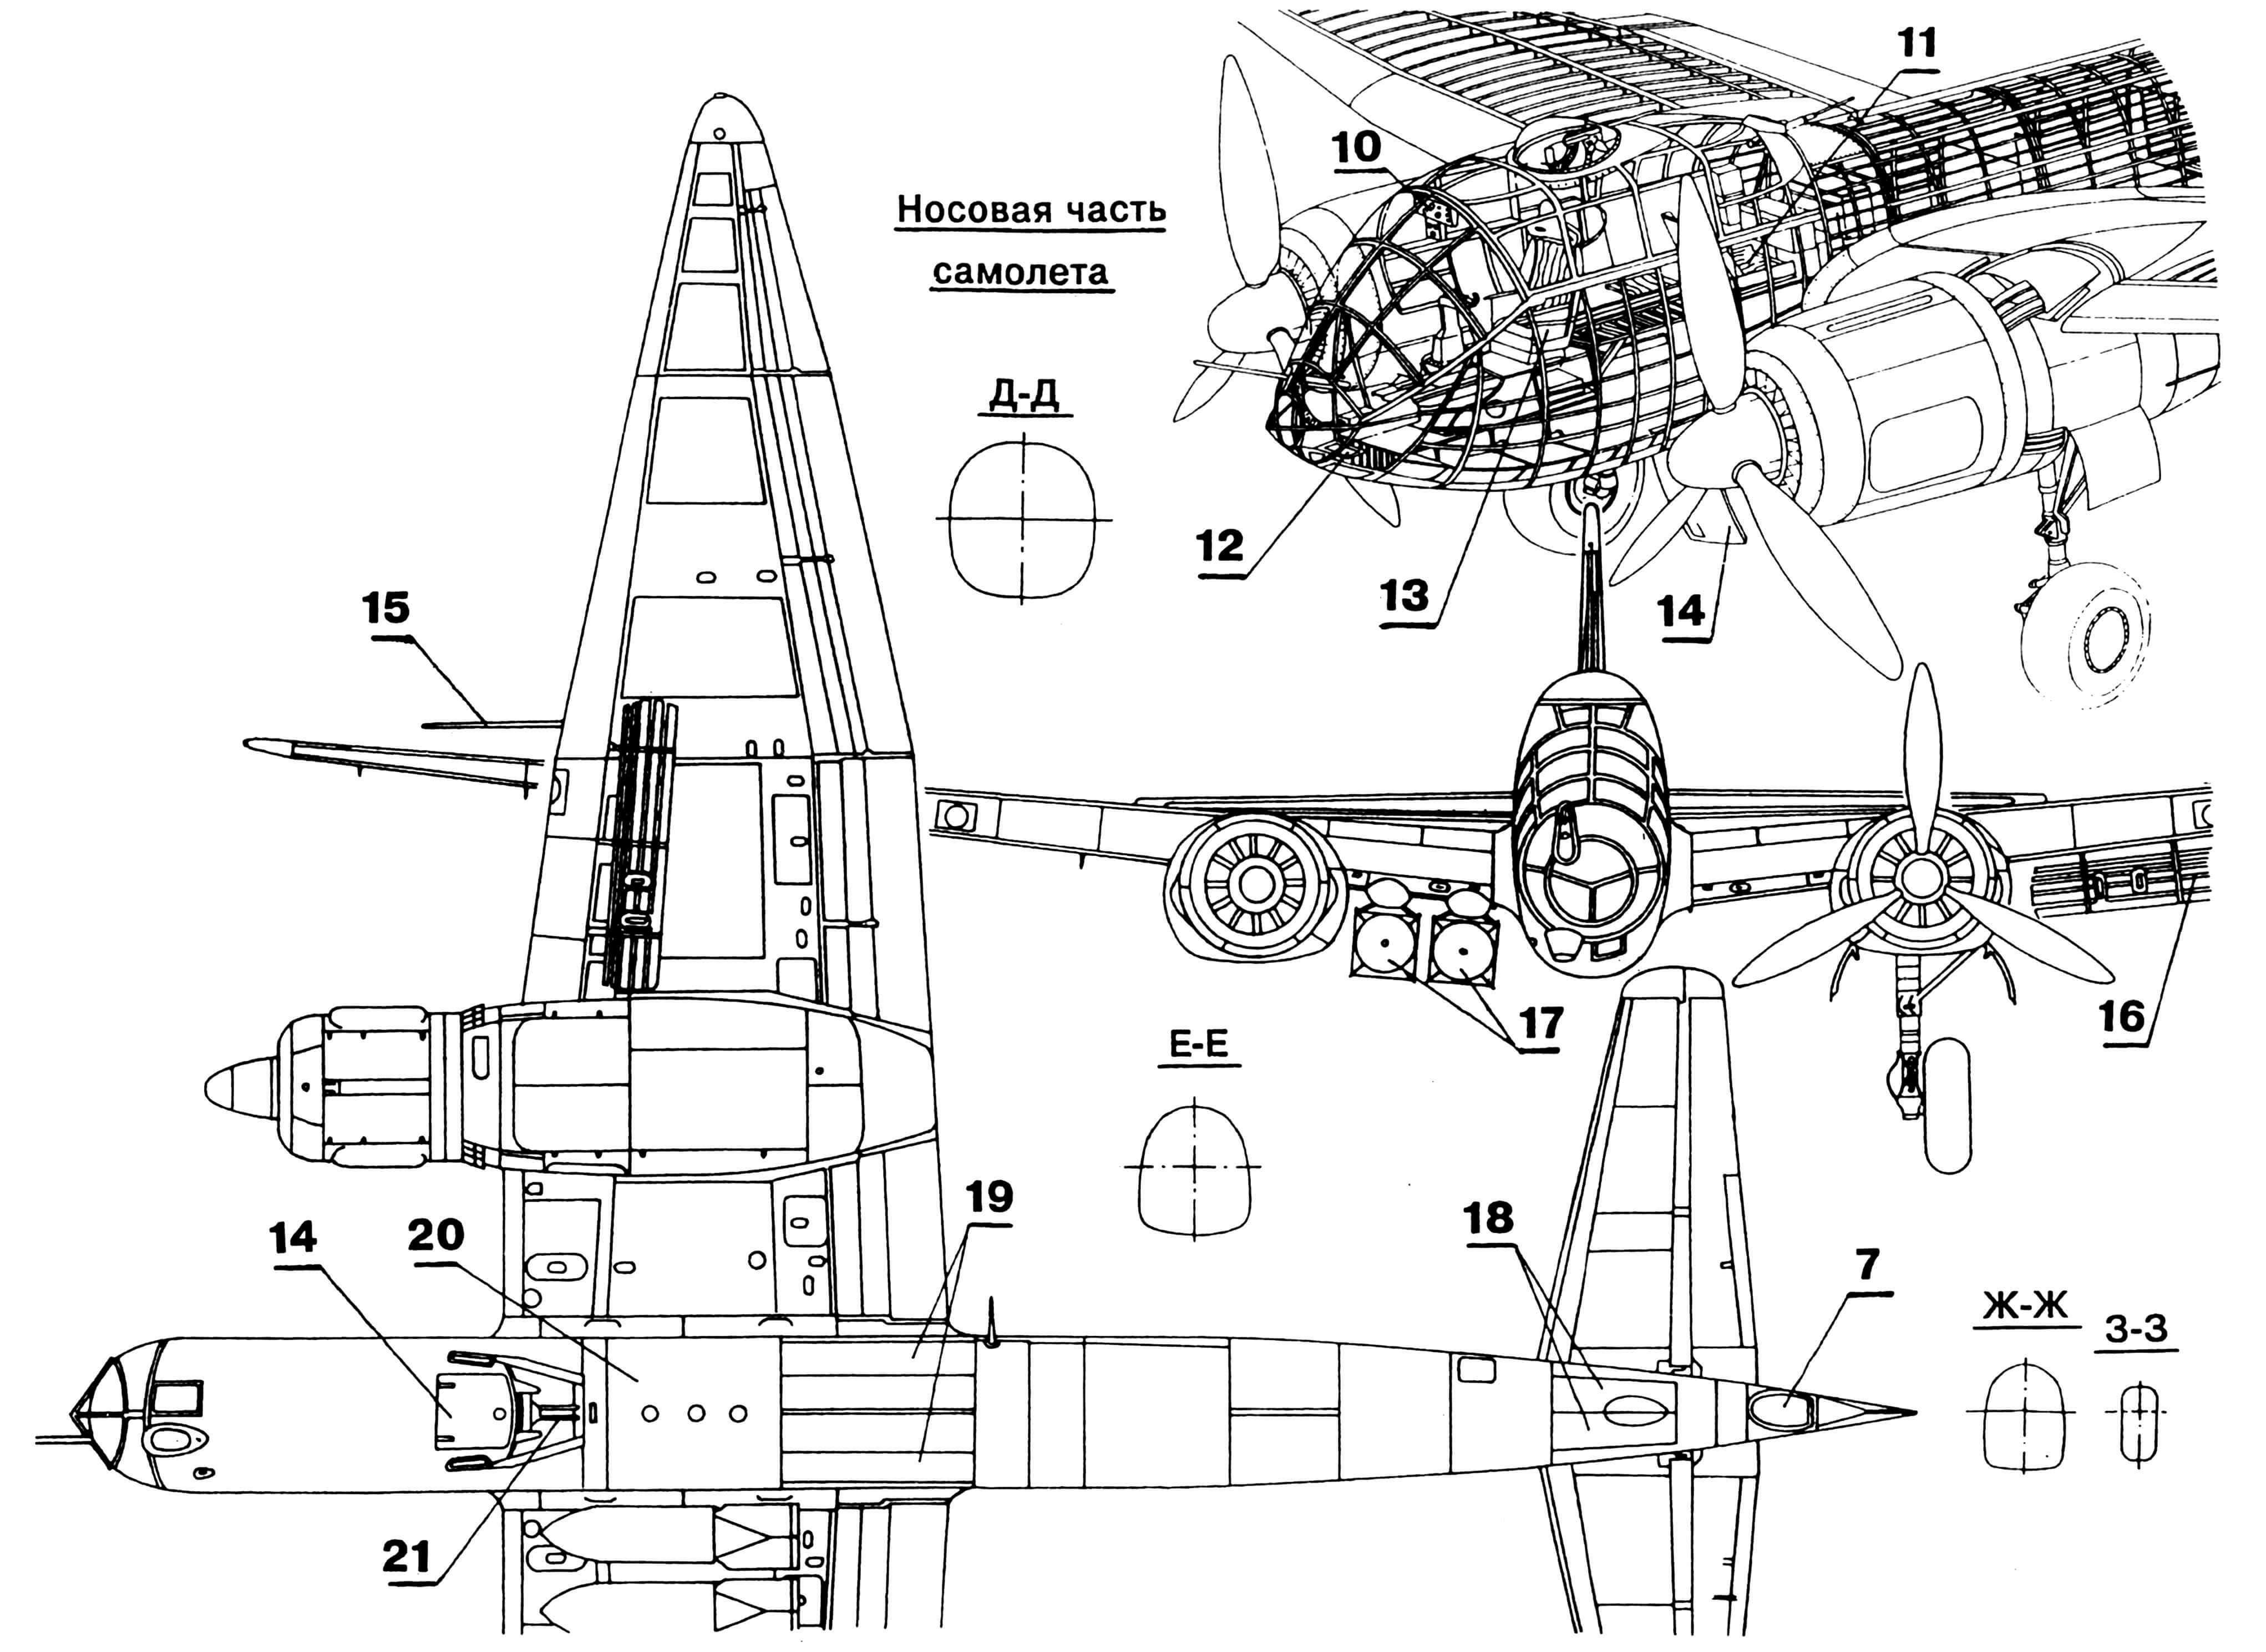 «Юнкерc» Ju 188Е-1 Raecher: 1 — пушка MG 151/ 20, 2,3 — пулеметы MG 131, 4 — тросик спасательной лодки, 5— лючок аптечки, 6 — антенна радиостанции FuG 16, 7 — патрубок аварийного слива топлива, 8 — грузик выпускаемой тросовой антенны FuG 16, 9 — створки отсека спасательной лодки, 10 — приборная панель пилота, 11 — место стрелка-радиста, 12 — оптический бомбовый прицел, 13 — кресло пилота, 14 — крышка люка для доступа экипажа в кабину, 15 — трубка Пито, 16 — воздушный тормоз, 17 — бомбы SC 250 на внешней подвеске, 18 — створки ниши заднего колеса, 19 — створки бомболюка, 20 — топливный бак в переднем бомбовом отсеке, 21 — спаренный пулемет MG 81Z.